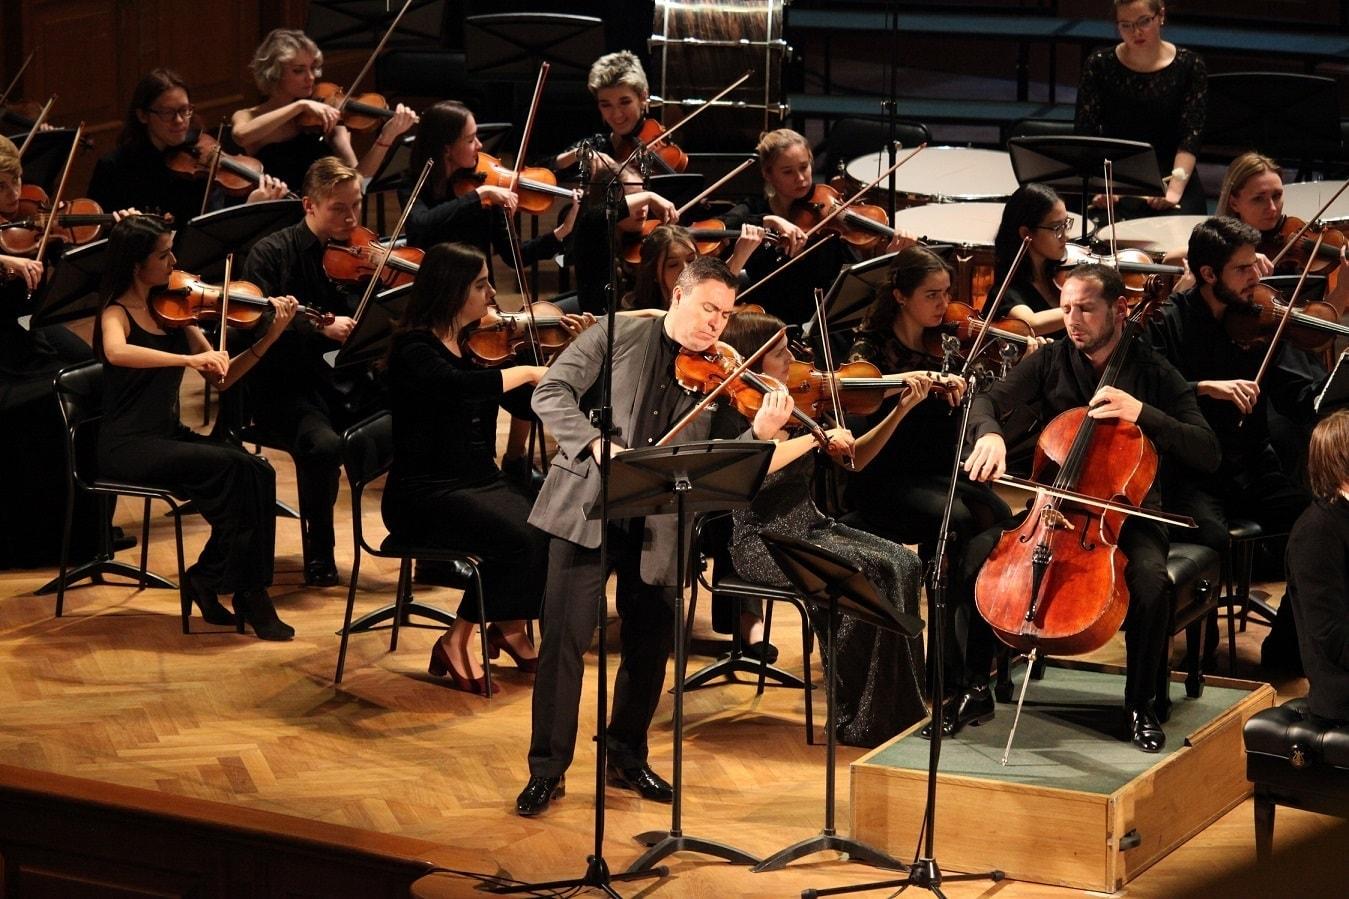 Московский молодёжный симфонический оркестр. Солисты Максим Венгеров (скрипка) и Борис Андрианов (виолончель)